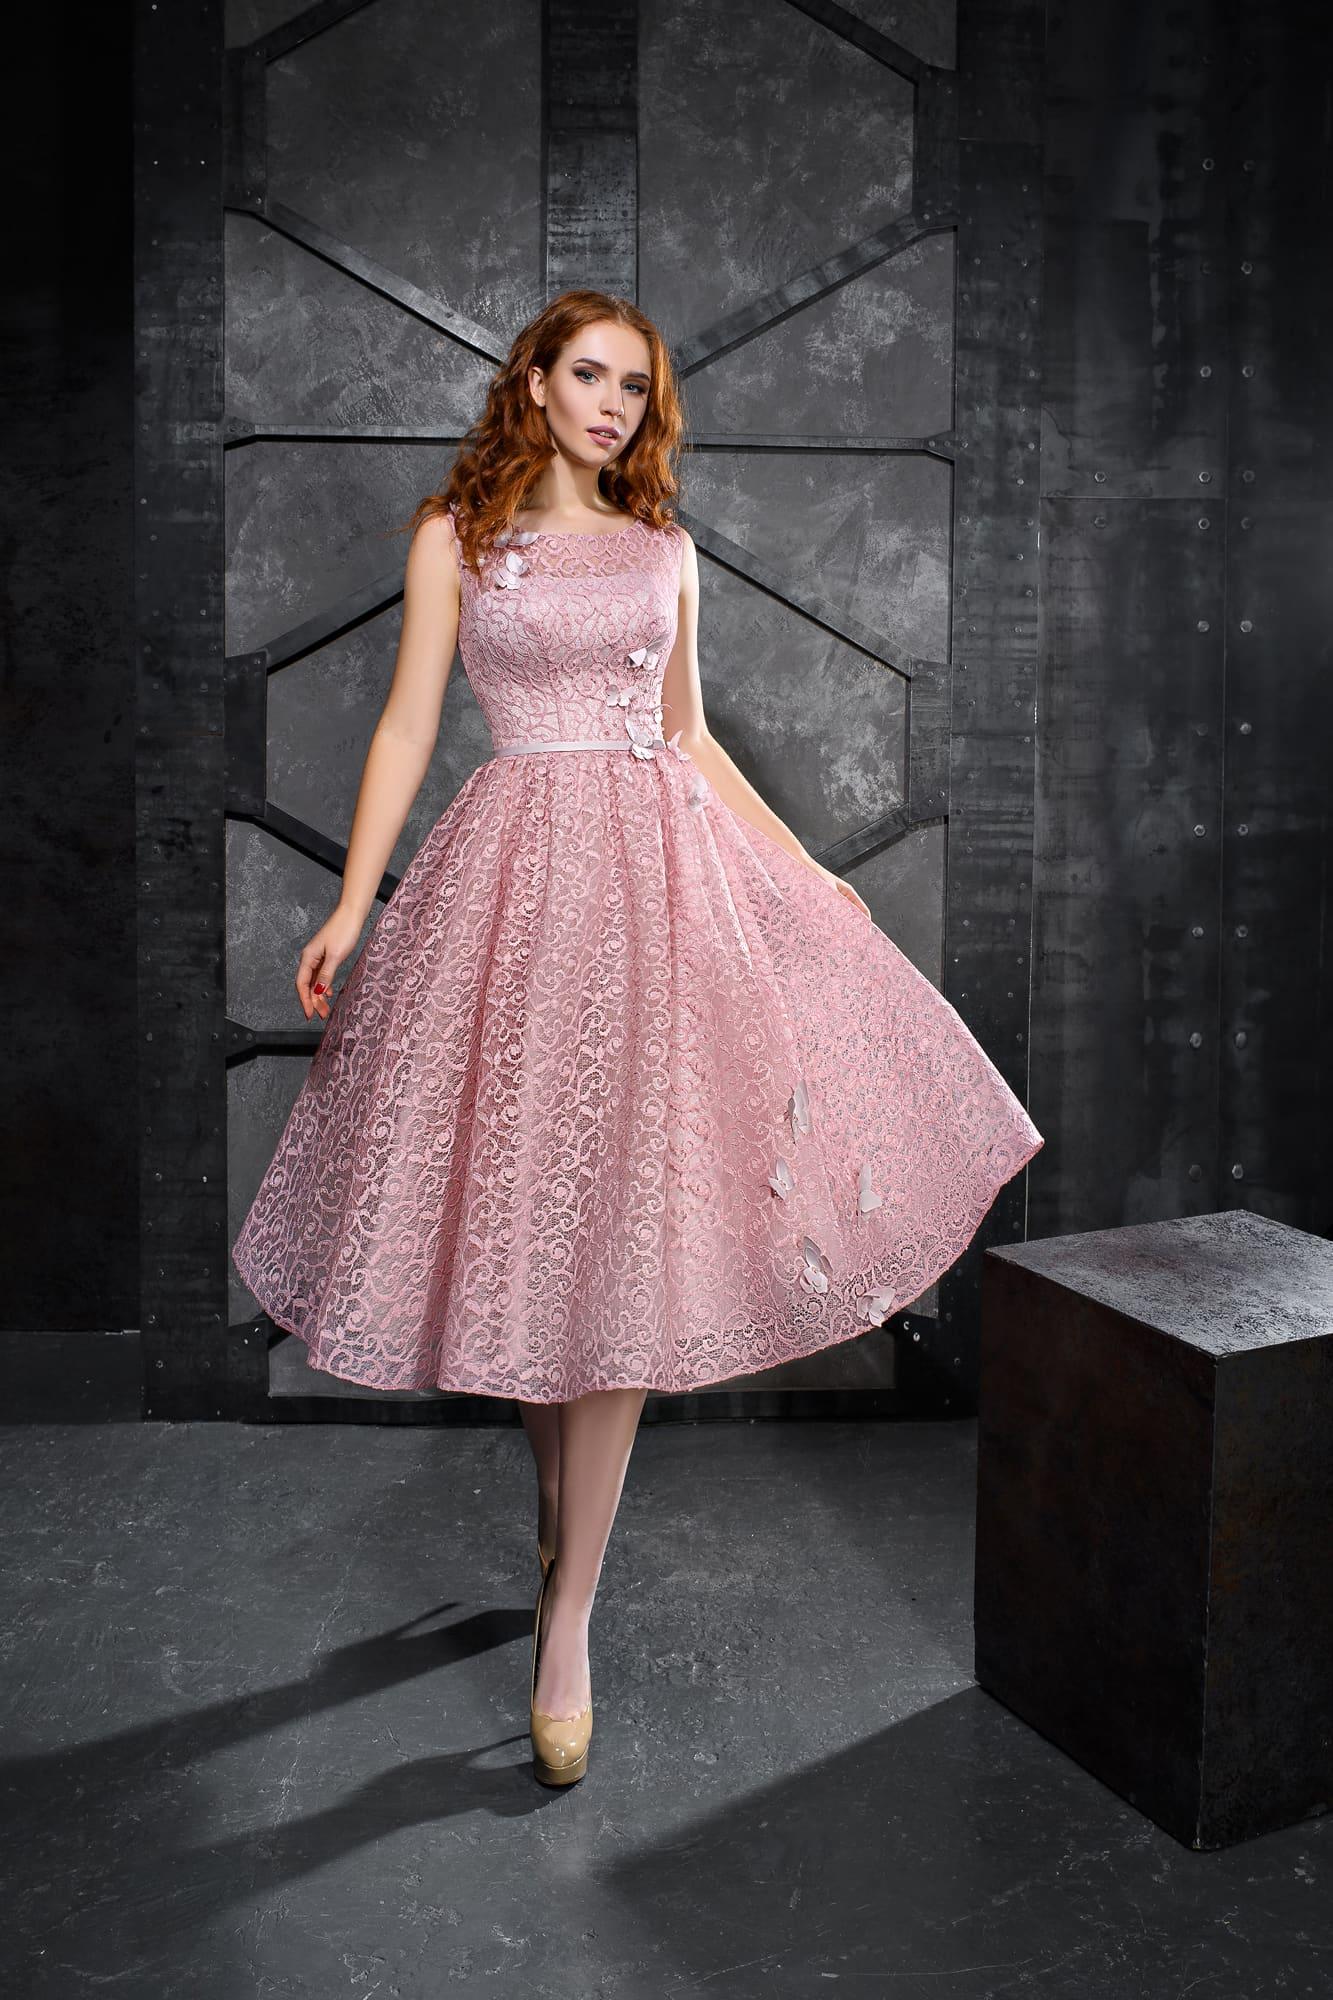 36c97fc3321 Розовое кружевное короткое платье Kira Nova Ариадна. Купить вечернее ...